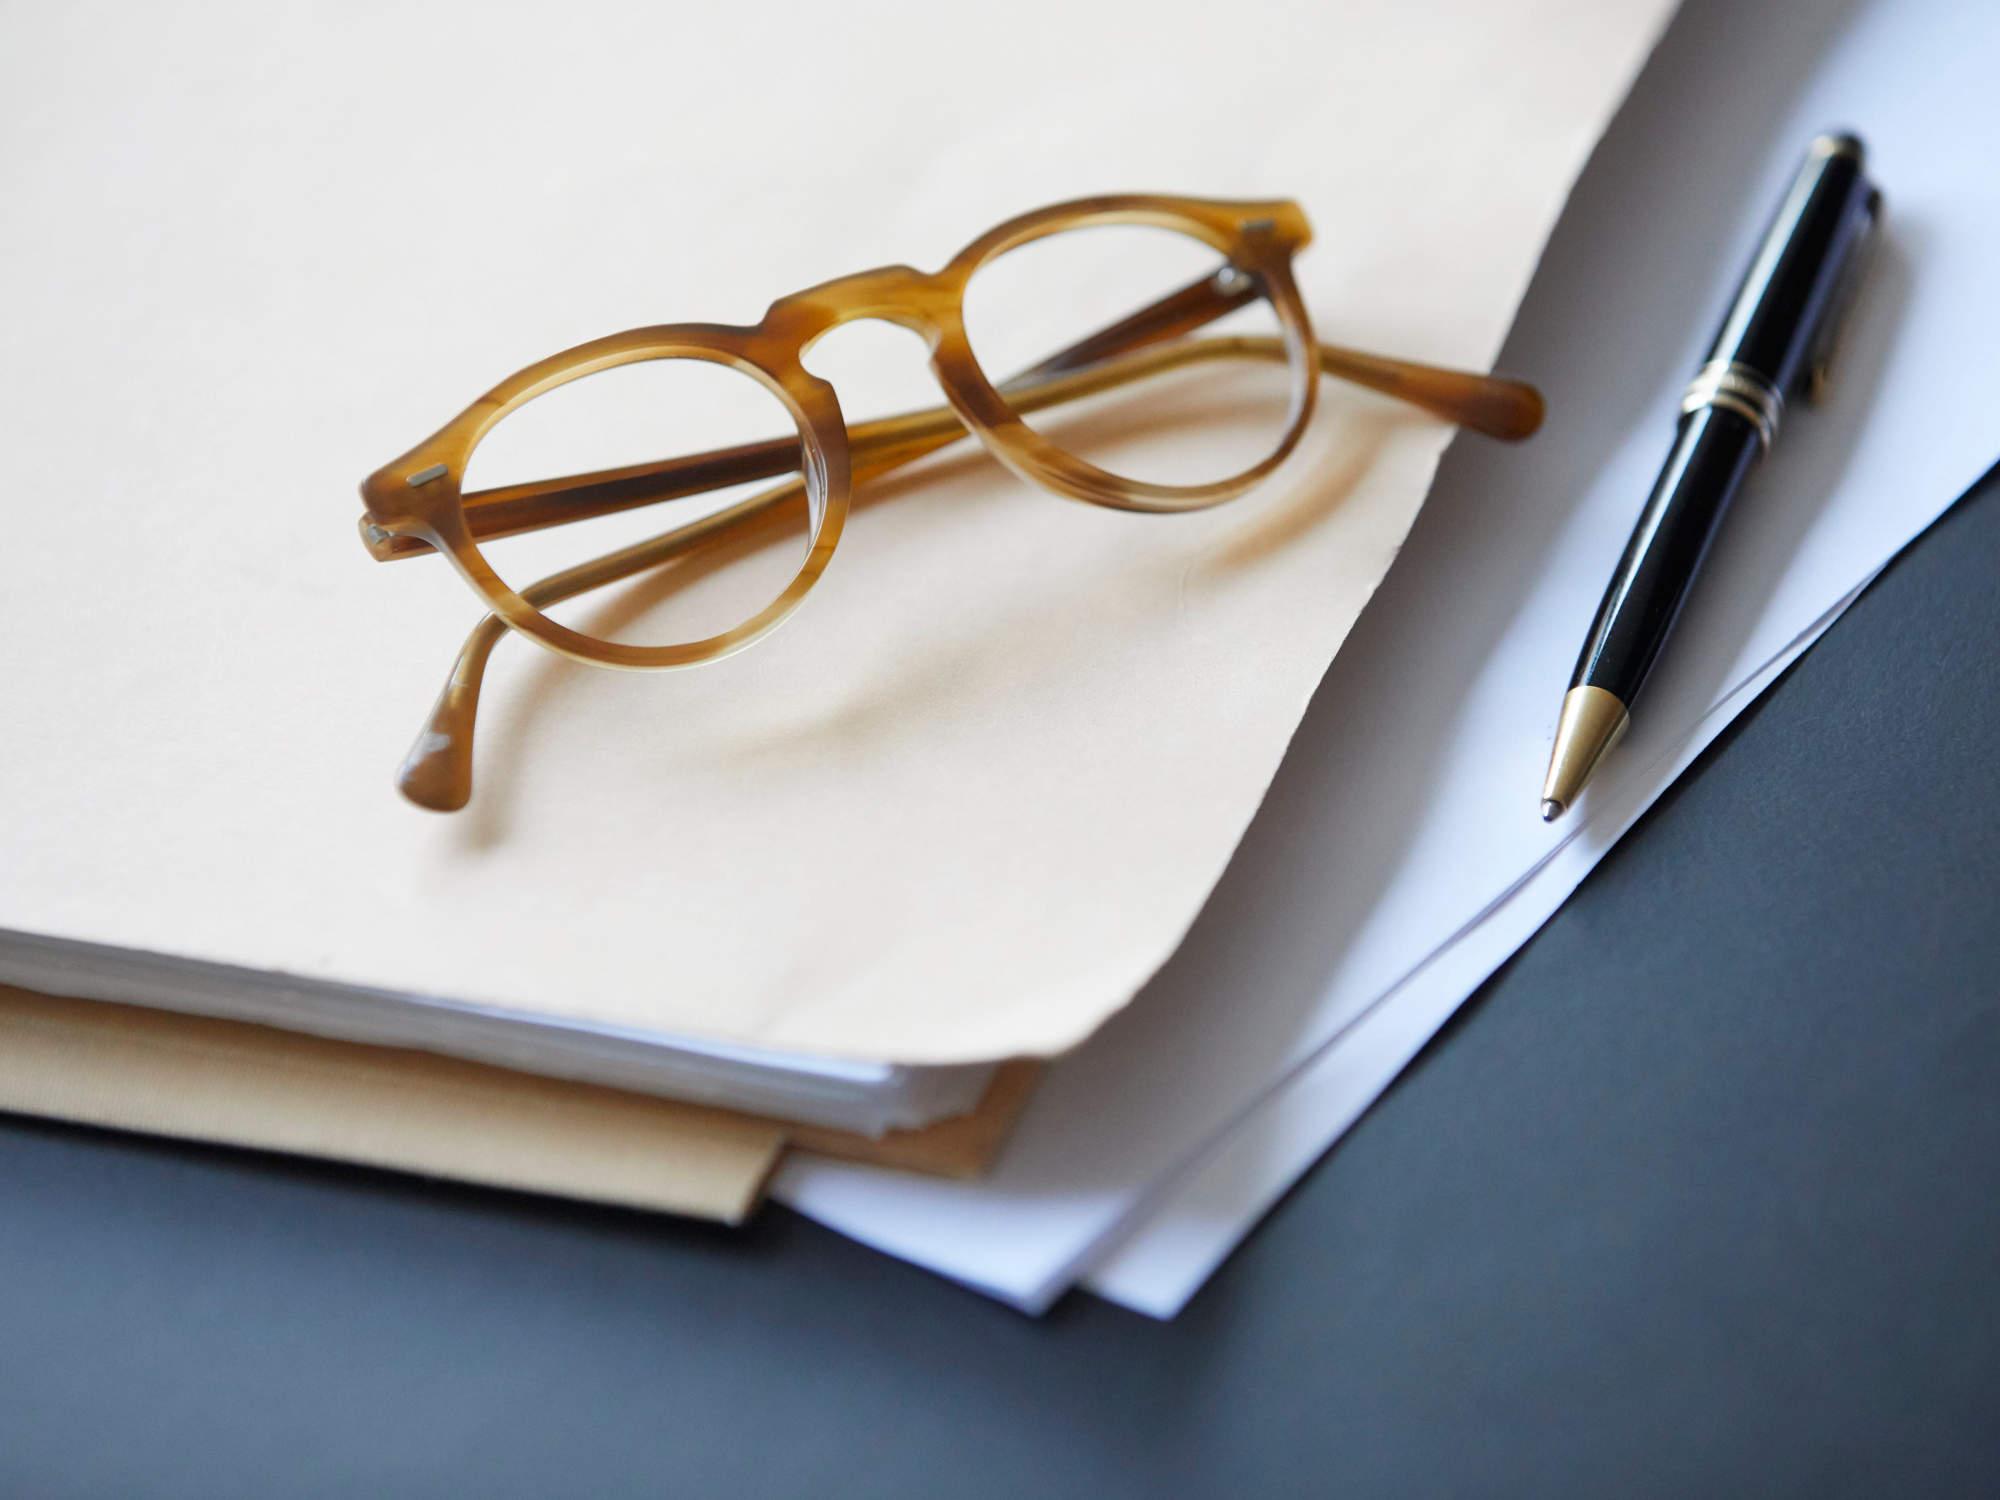 Aktenmappe auf dem Schreibtisch - Online Scheidung bei Scheidungsanwältin Alicia von Rosenberg